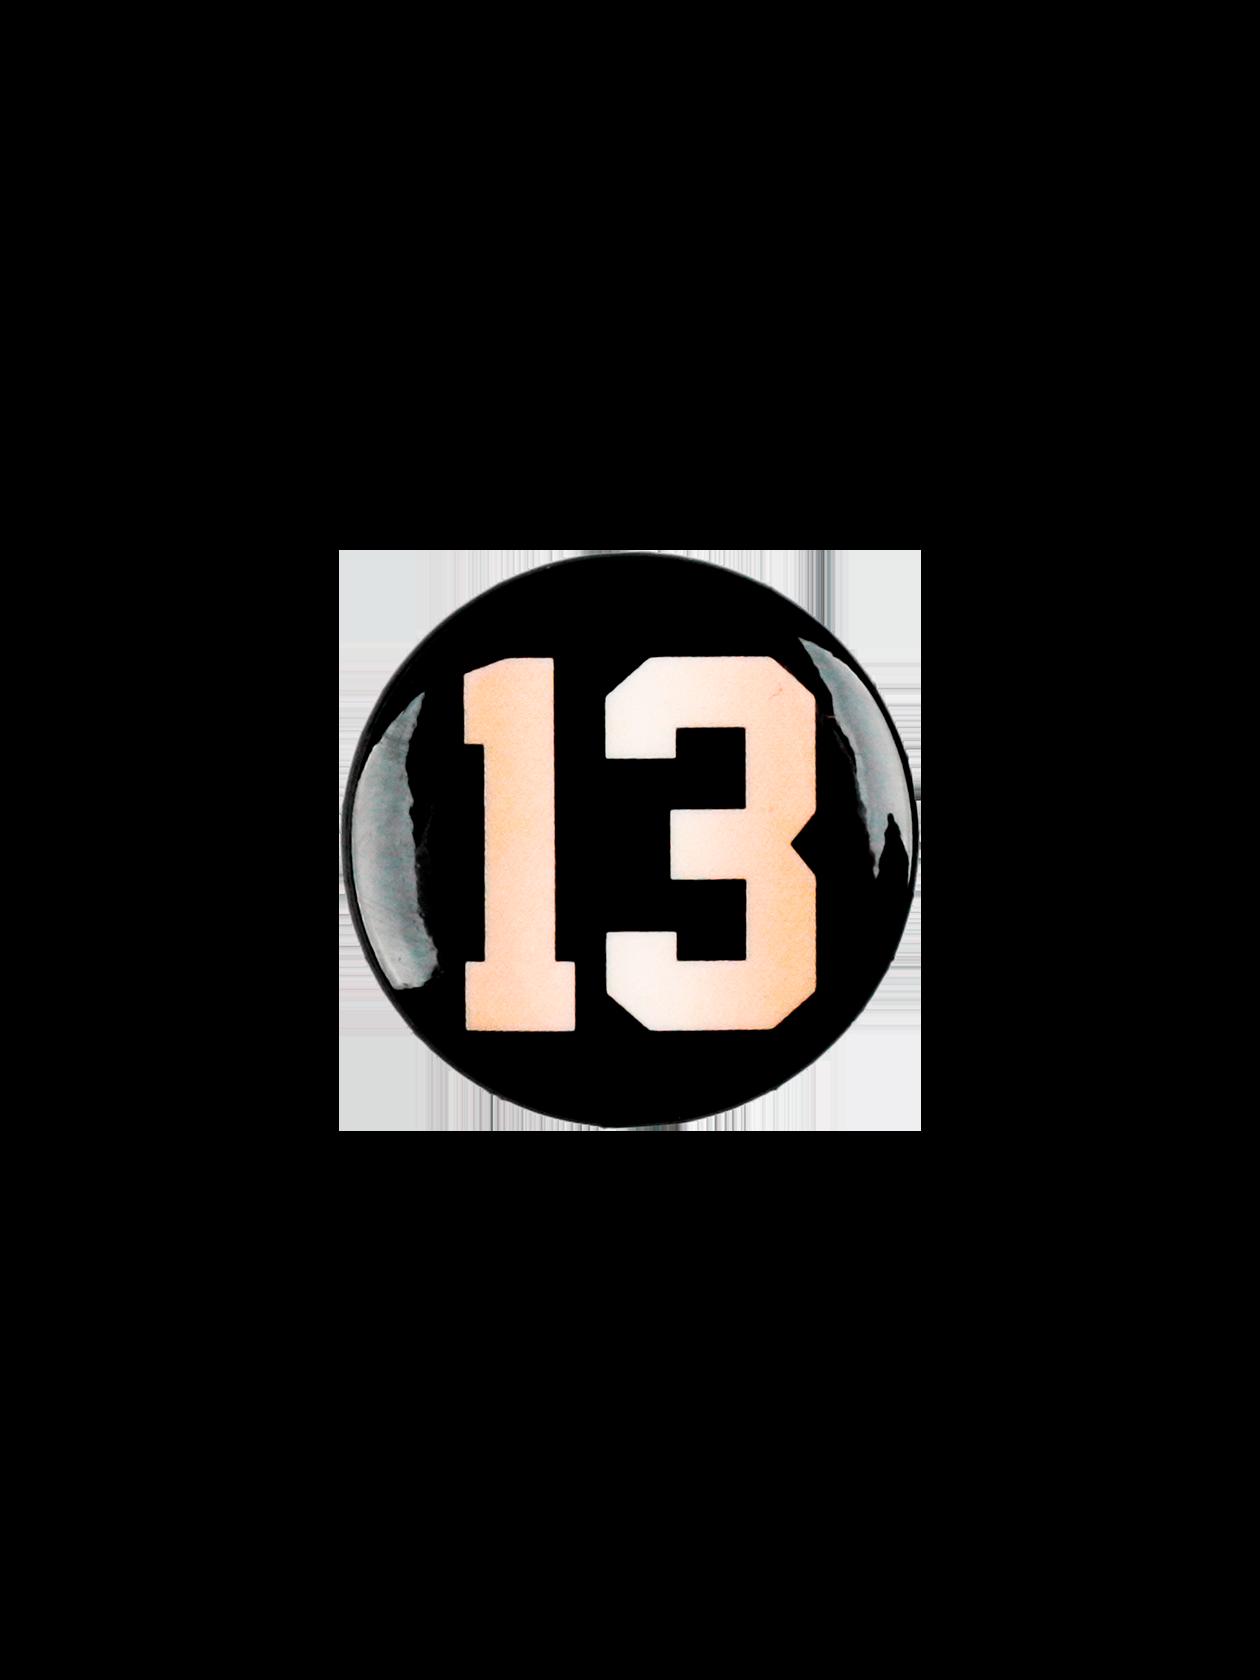 Значок ROYALTY 13Стильный значок Royalty 13 поможет всегда быть в тренде. Аксессуар из коллекции Black Star Wear подходит для одежды спортивного и повседневного типа. Модель круглой формы изготовлена из практичного материала с глянцевым покрытием. Значок представлен в черном цвете, дополнен ярким принтом с цифрой 13. Для надежной фиксации изделия предусмотрена застежка – английская булавка.<br><br>Размер: Единый размер<br>Цвет: Черный<br>Пол: Унисекс